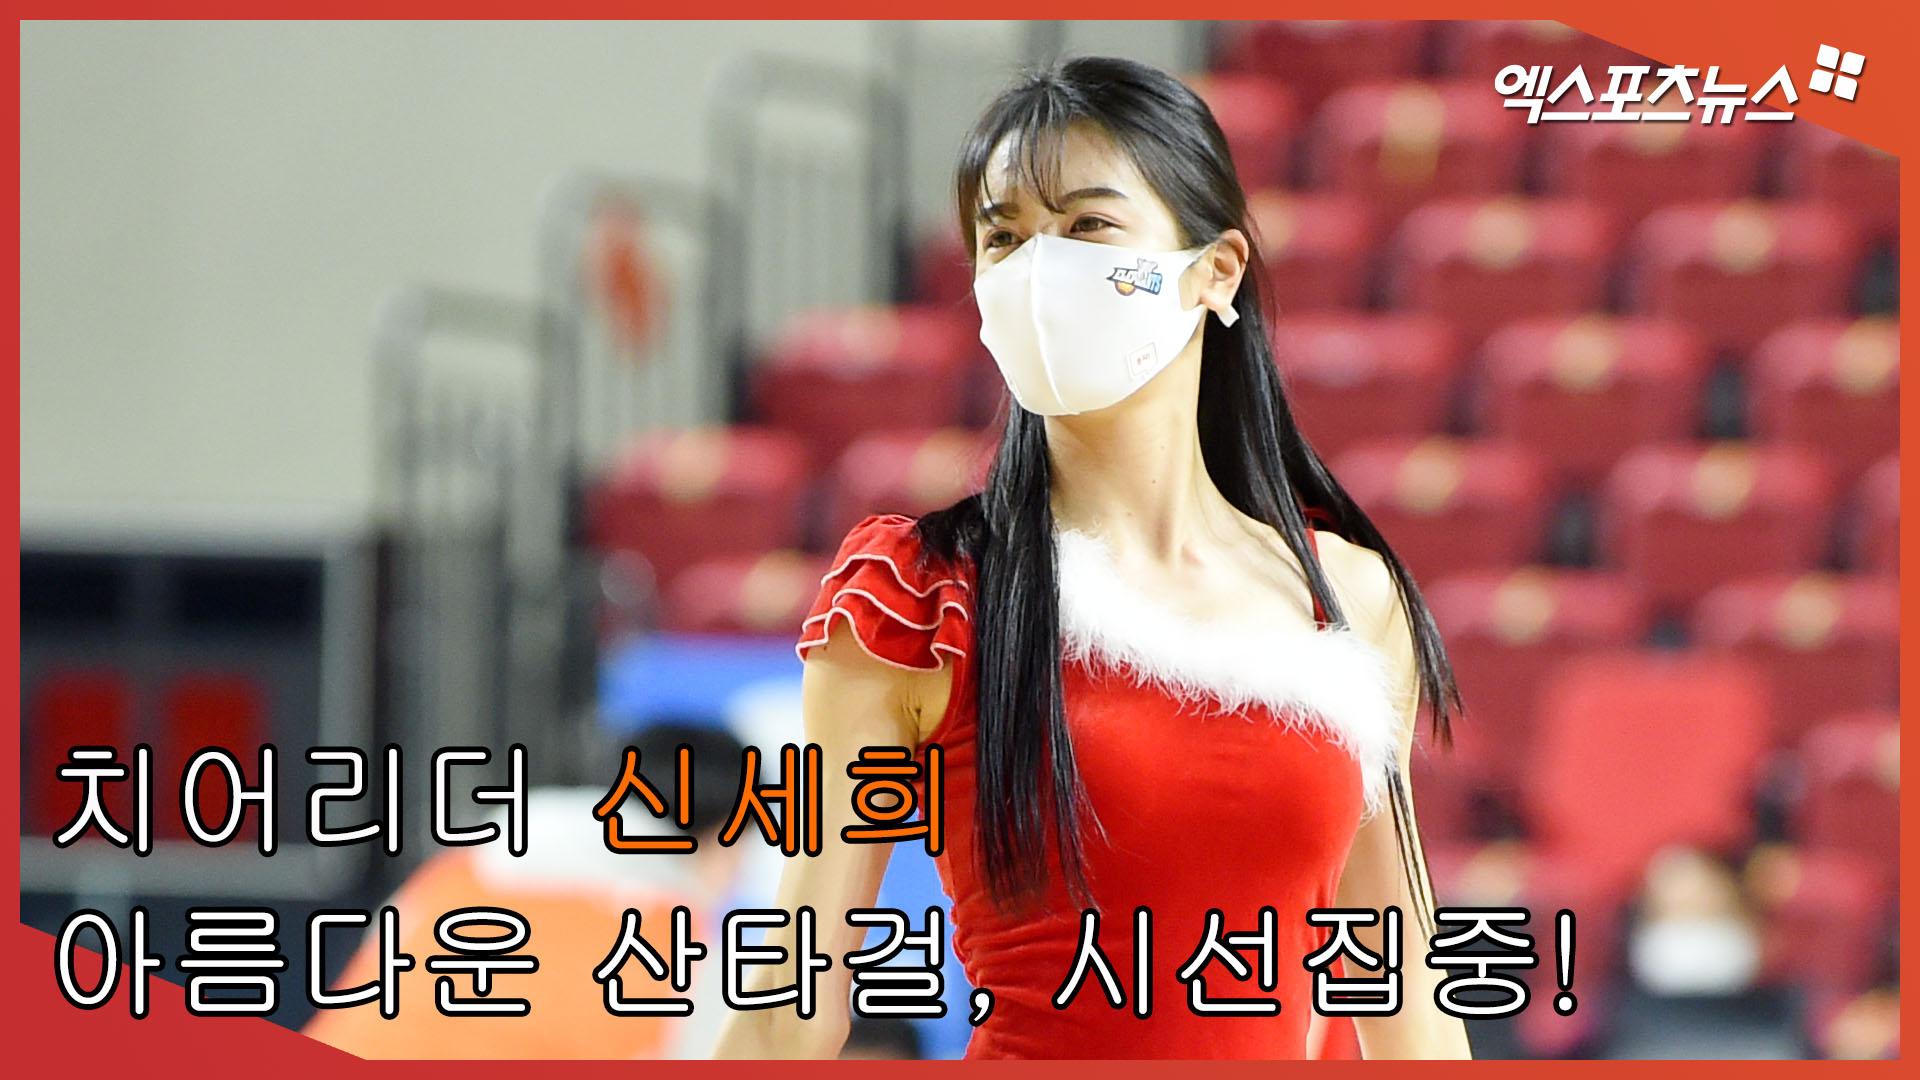 치어리더(Cheerleader) 신세희 '크리스마스 앞두고 산타걸 변신' [엑's 영상]